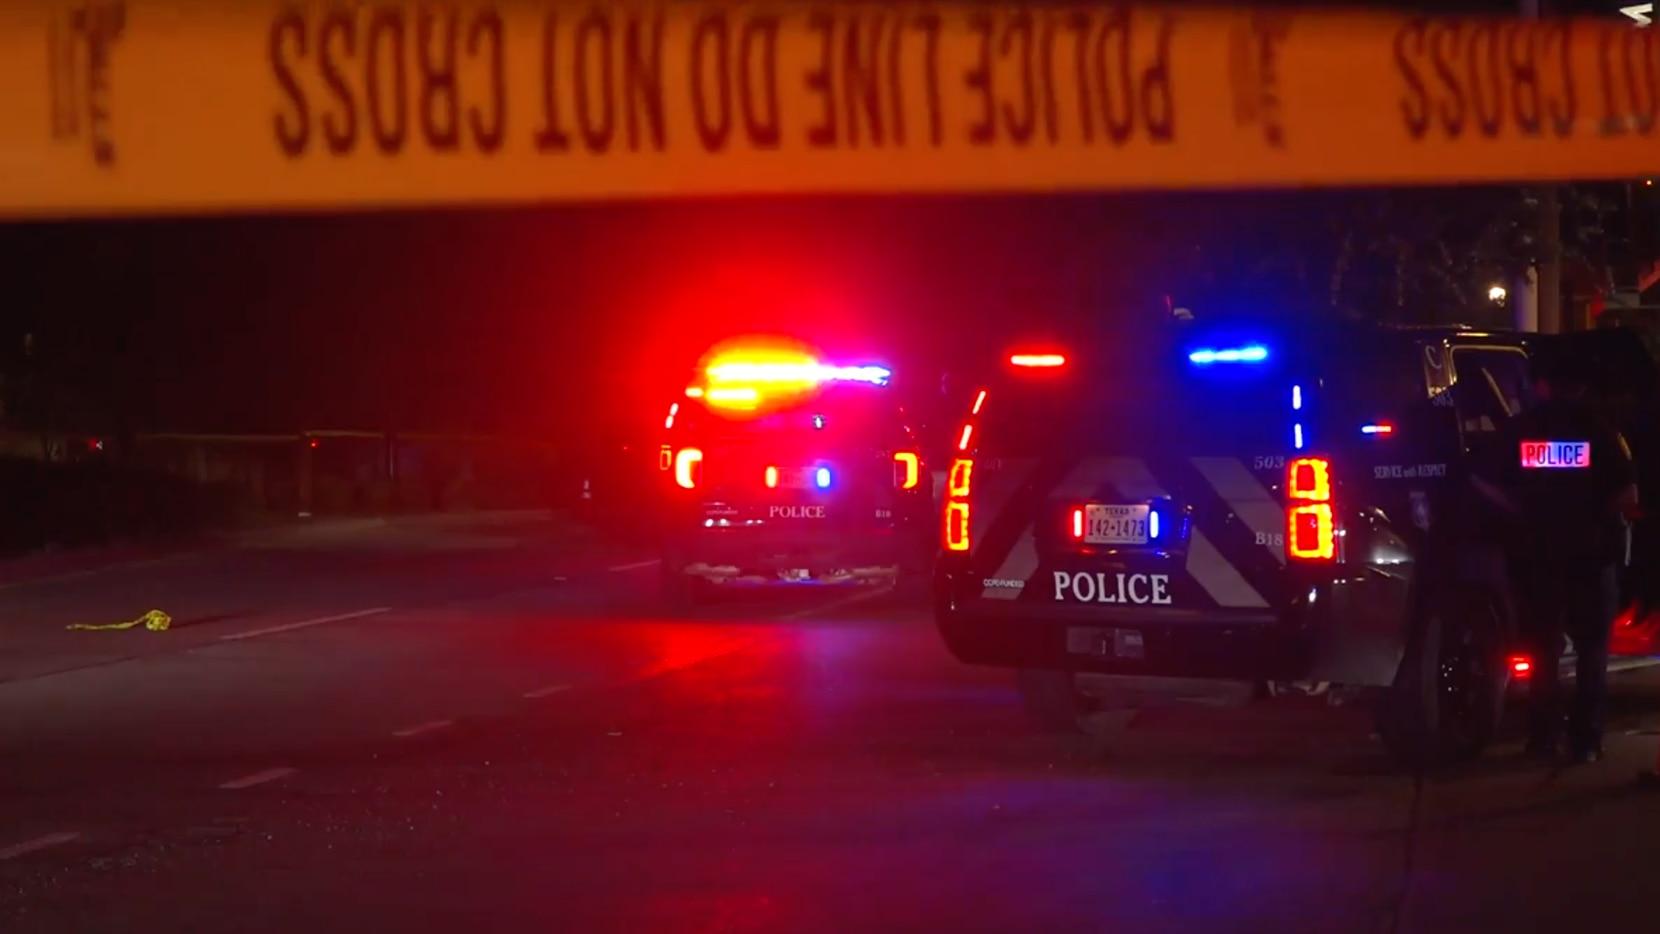 Patrullas de la policía de Fort Worth respondieron a un reporte de un tiroteo el lunes a las 3 a.m. en West Rosedale St. y Hemphill St.